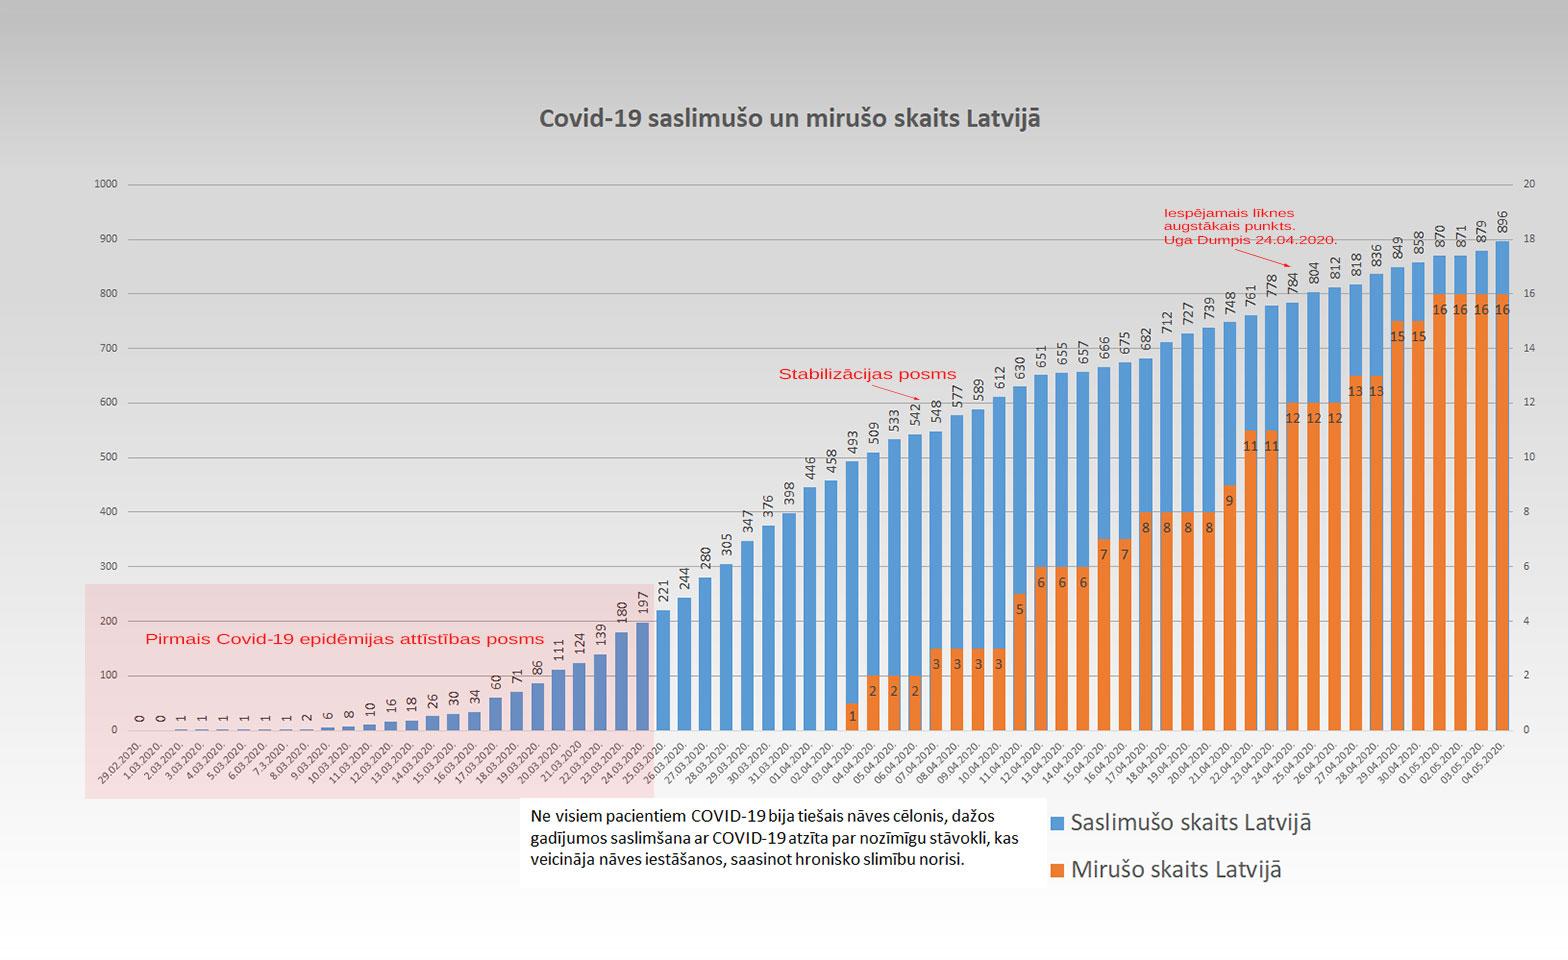 Koronavīrusa saslimušo skaits Latvijā 4.05.2020.